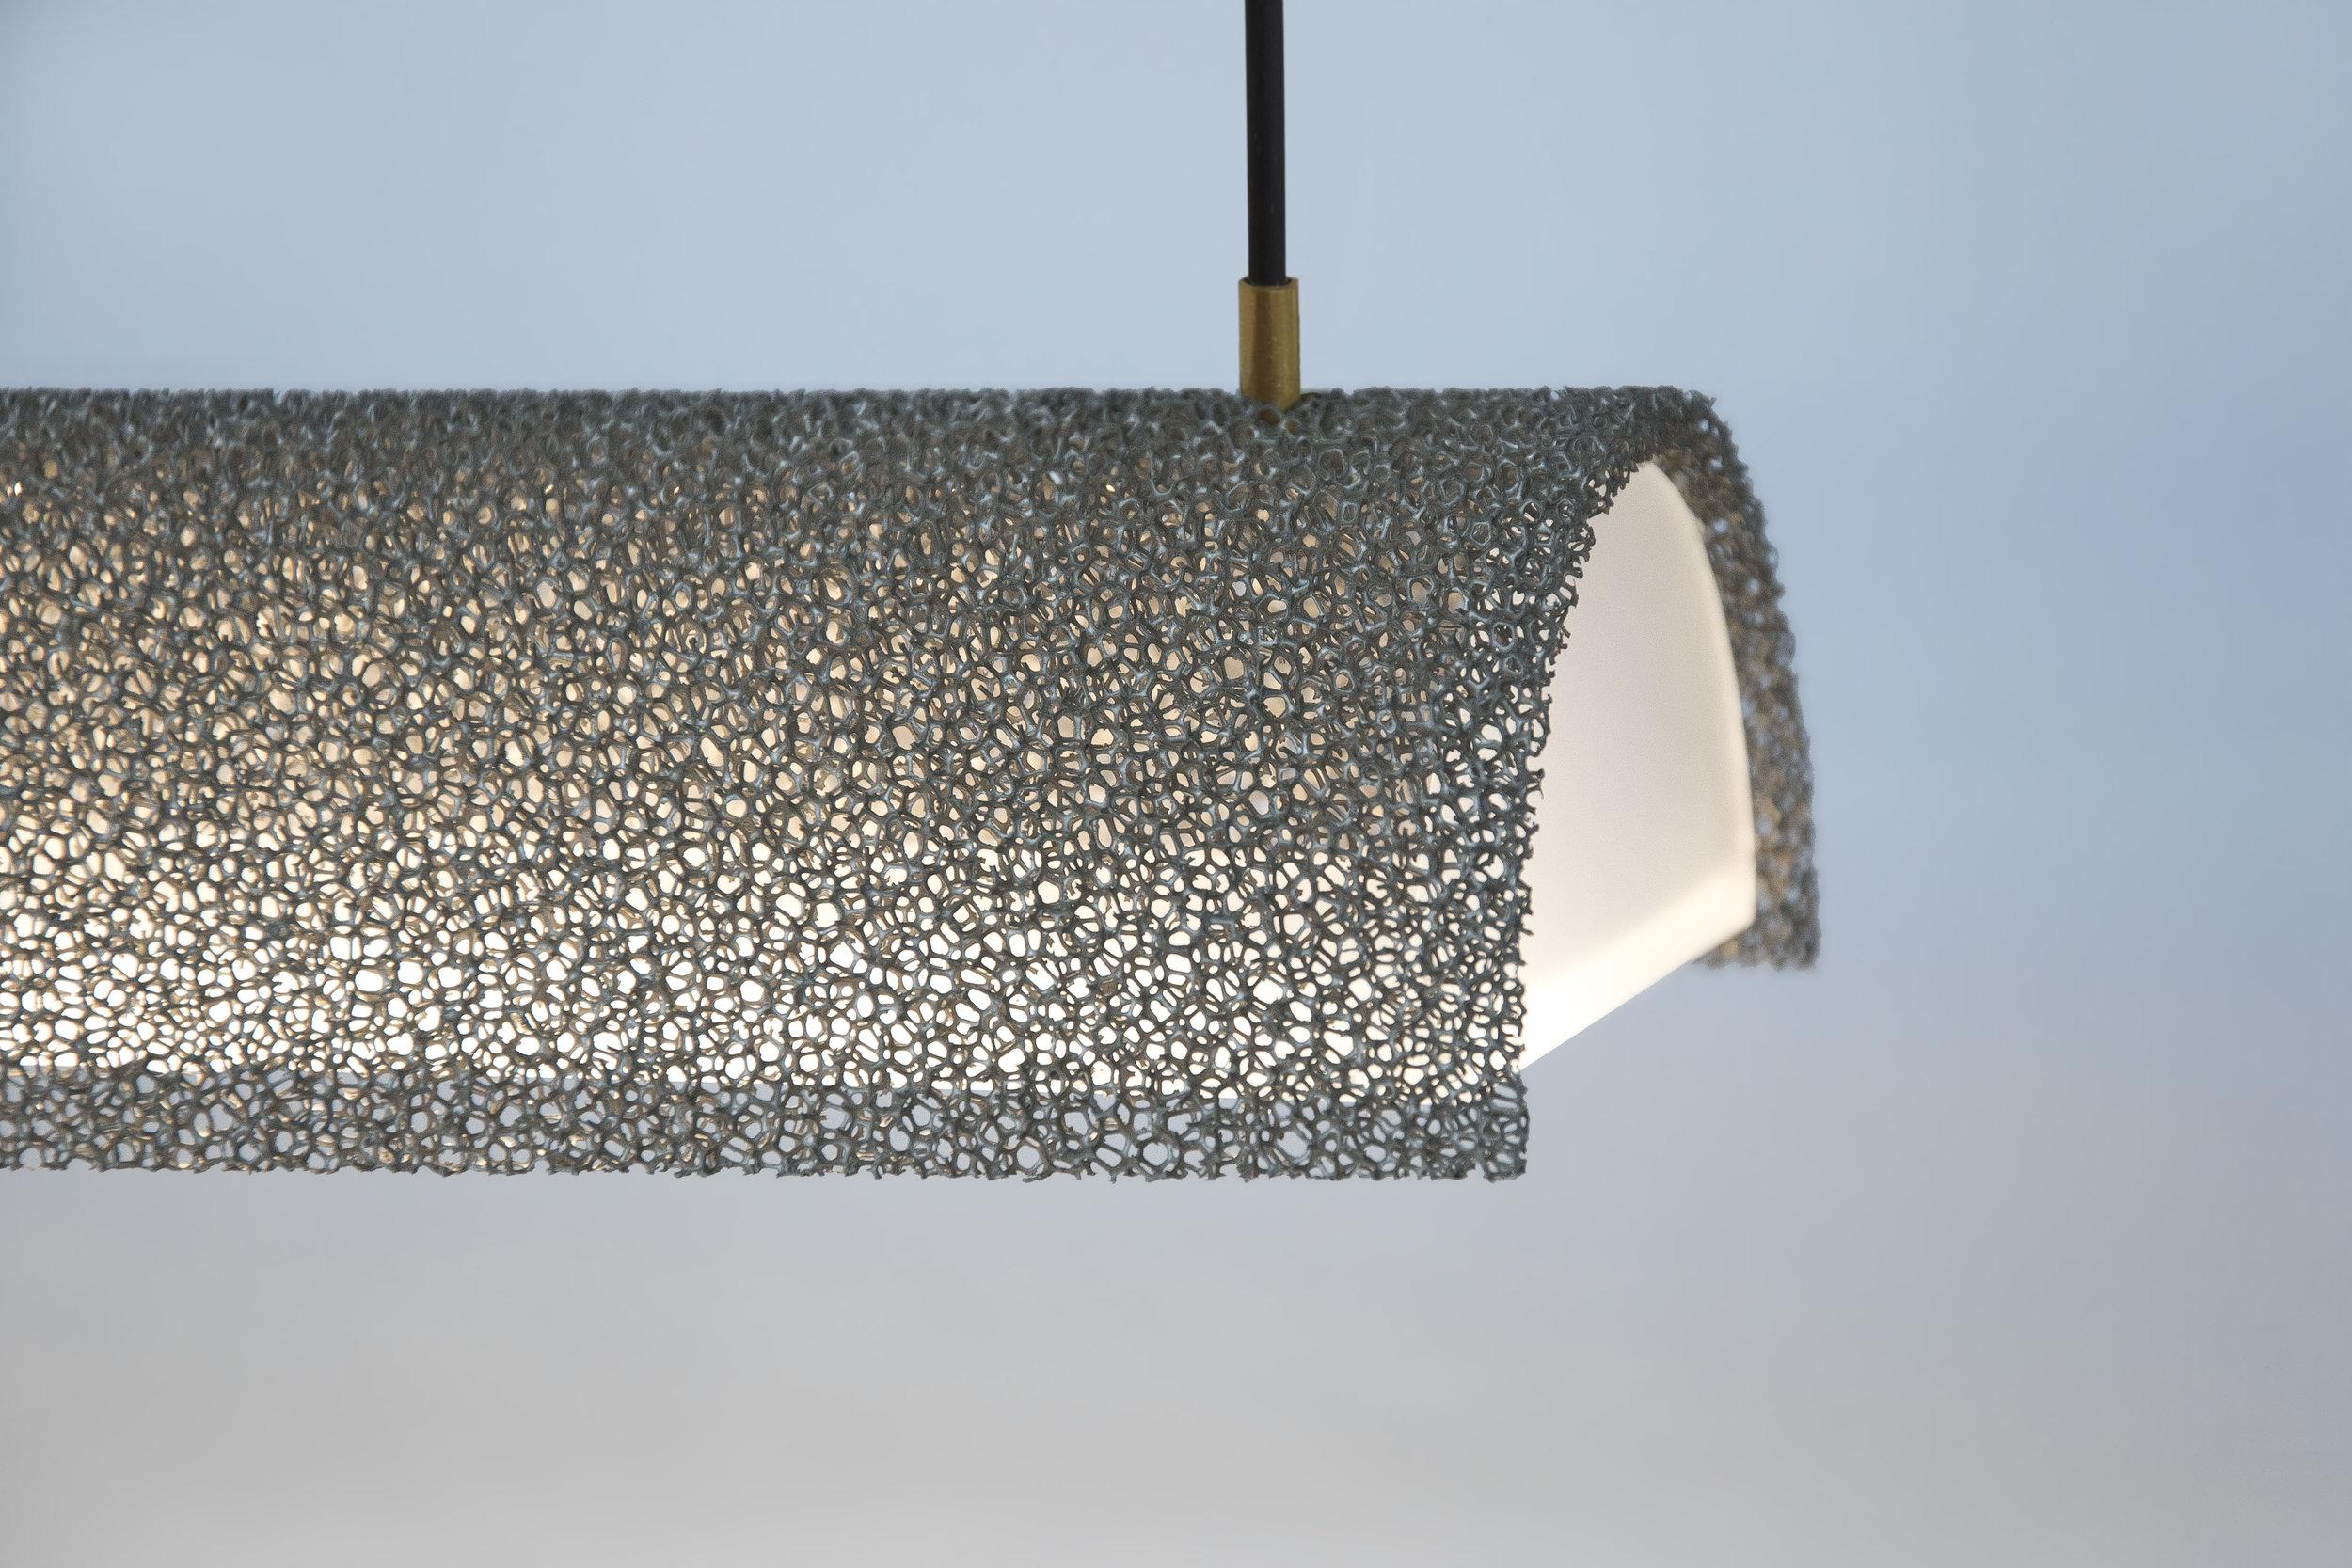 Aero Light nickel - detail 02 - David Derksen Design.jpg